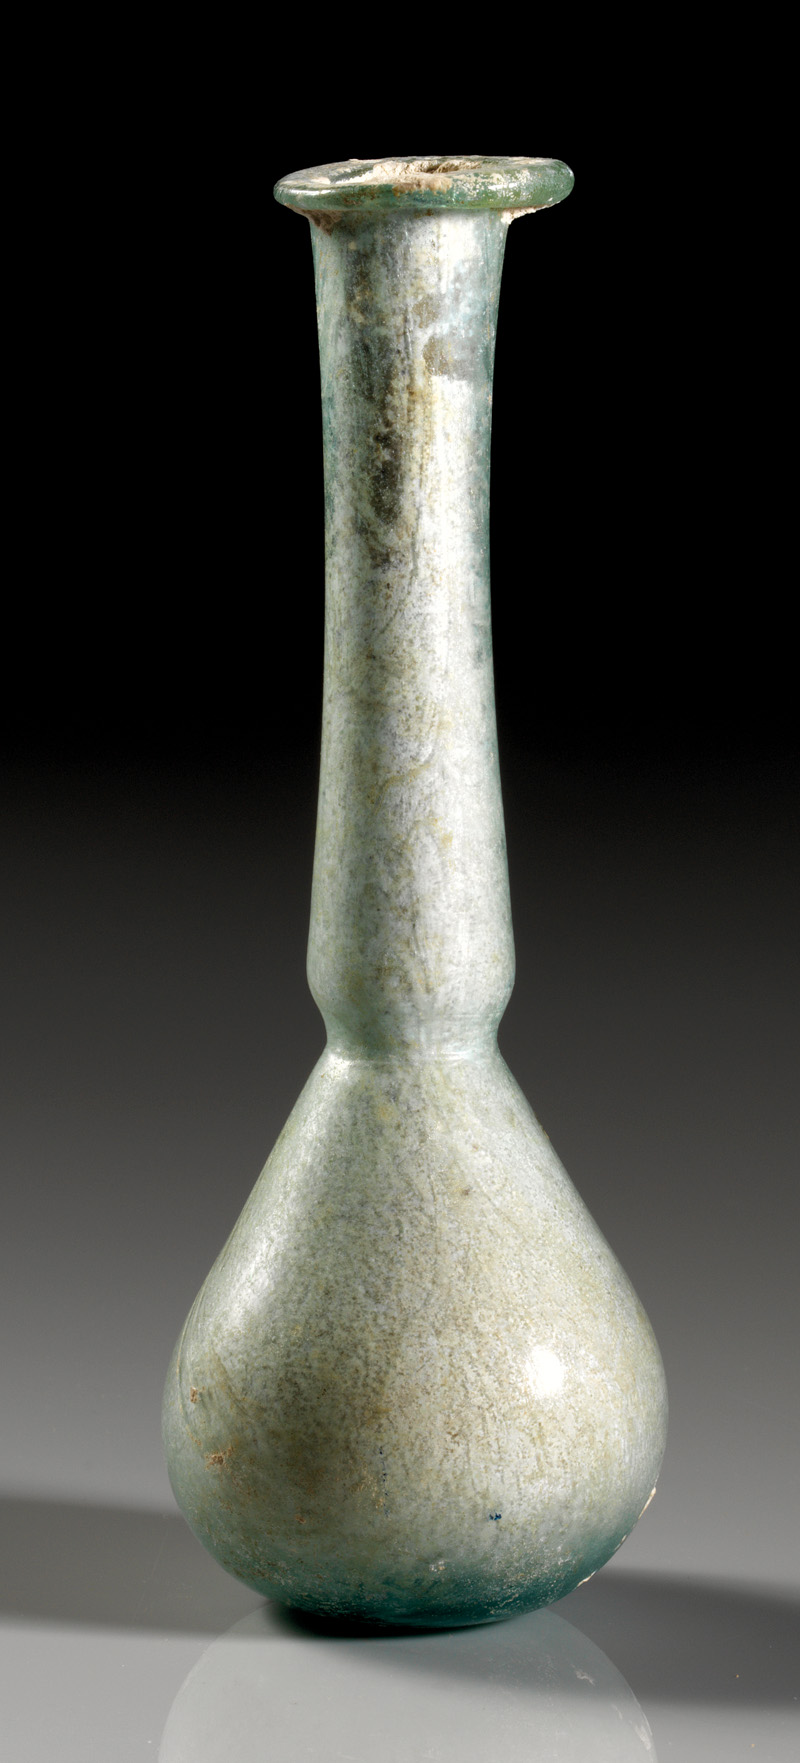 Lot 21 - objekte aus glas  -  Gerhard Hirsch Nachfolger Auktion 335 Antike Kunstobjekte